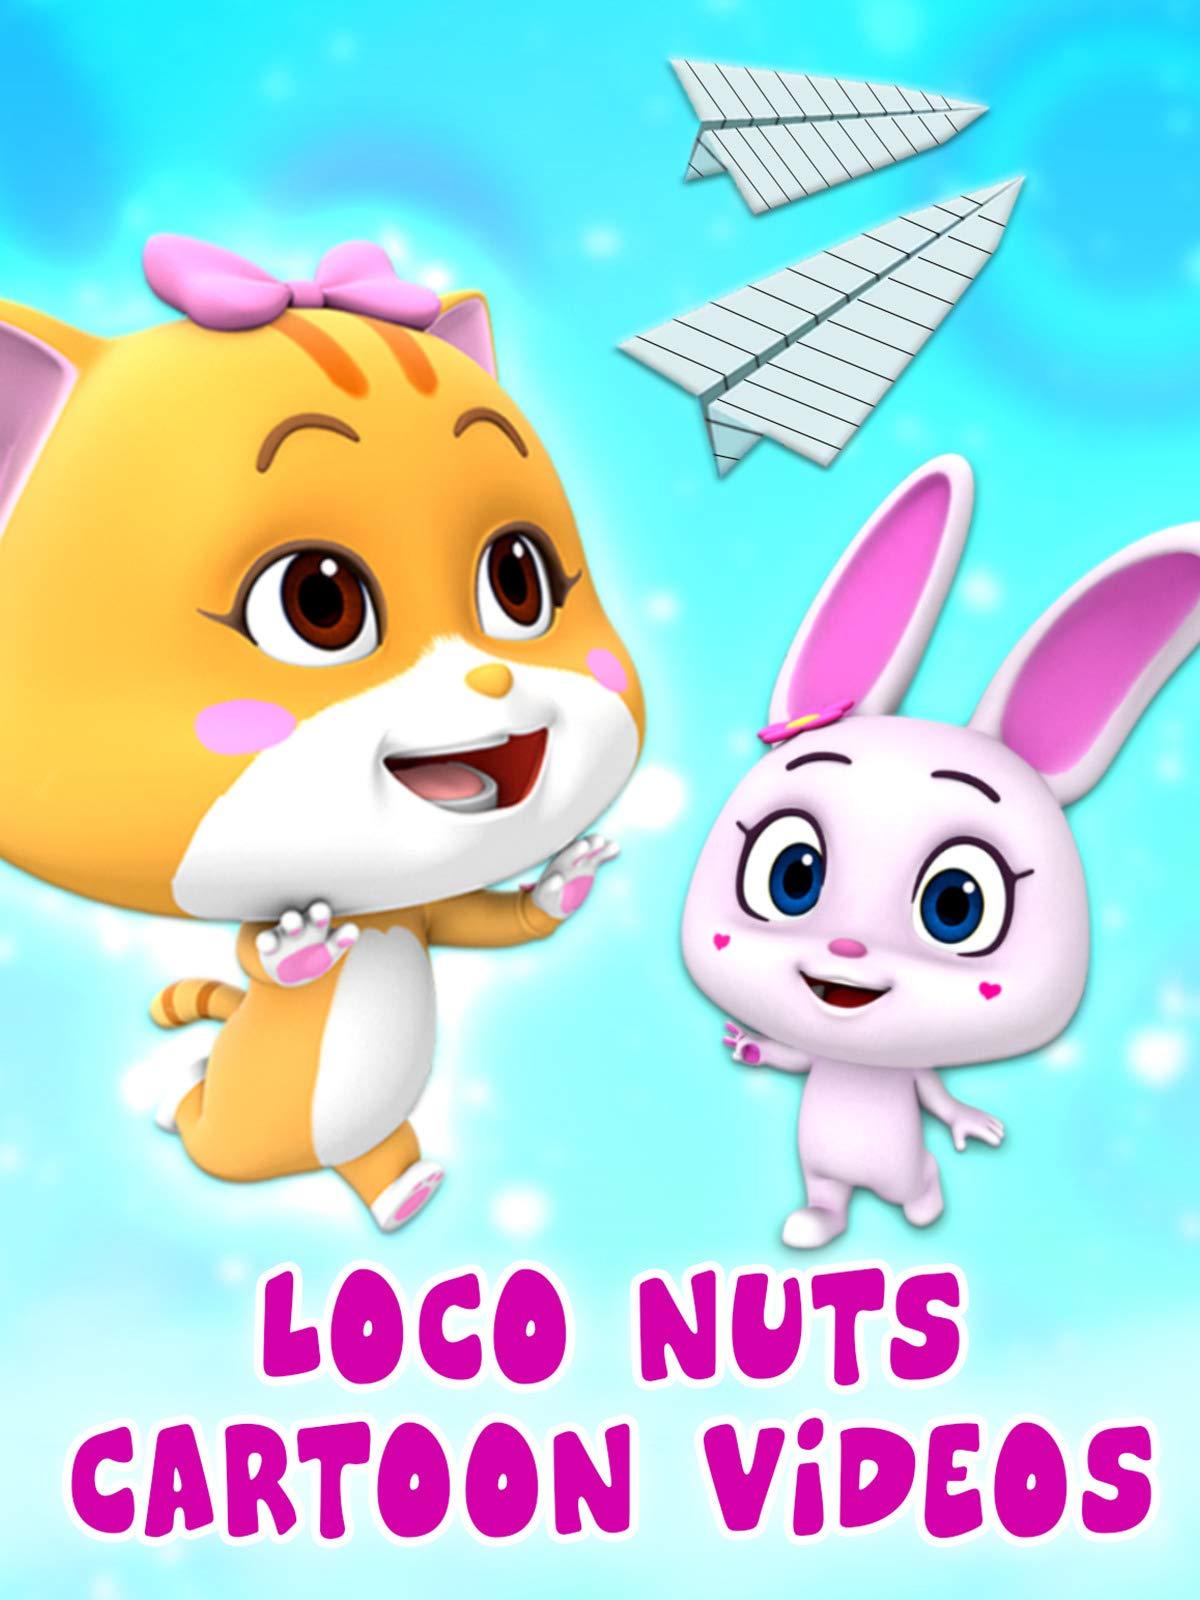 Loco Nuts Cartoon Videos